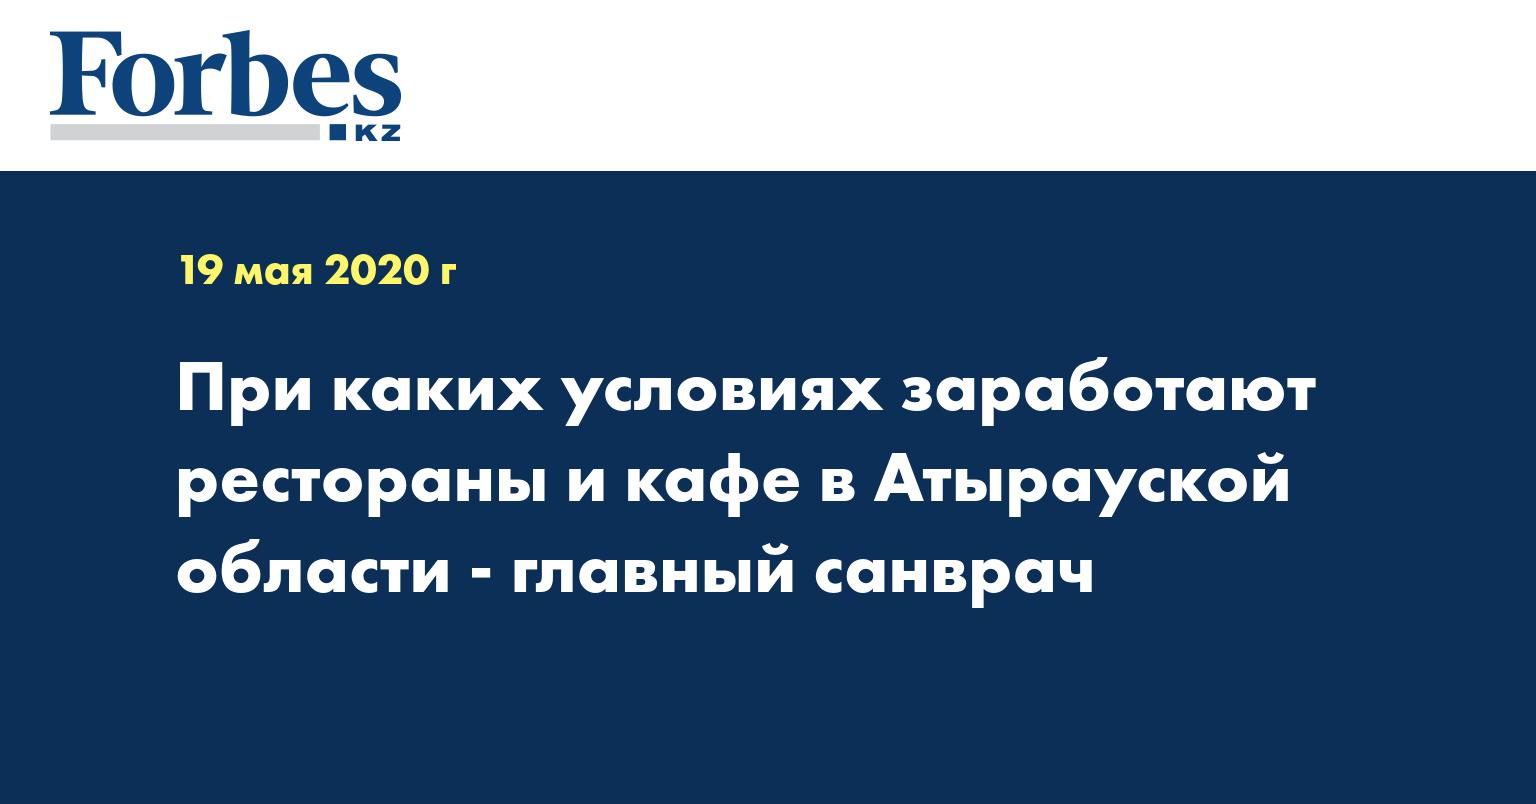 При каких условиях заработают рестораны и кафе в Атырауской области - главный санврач